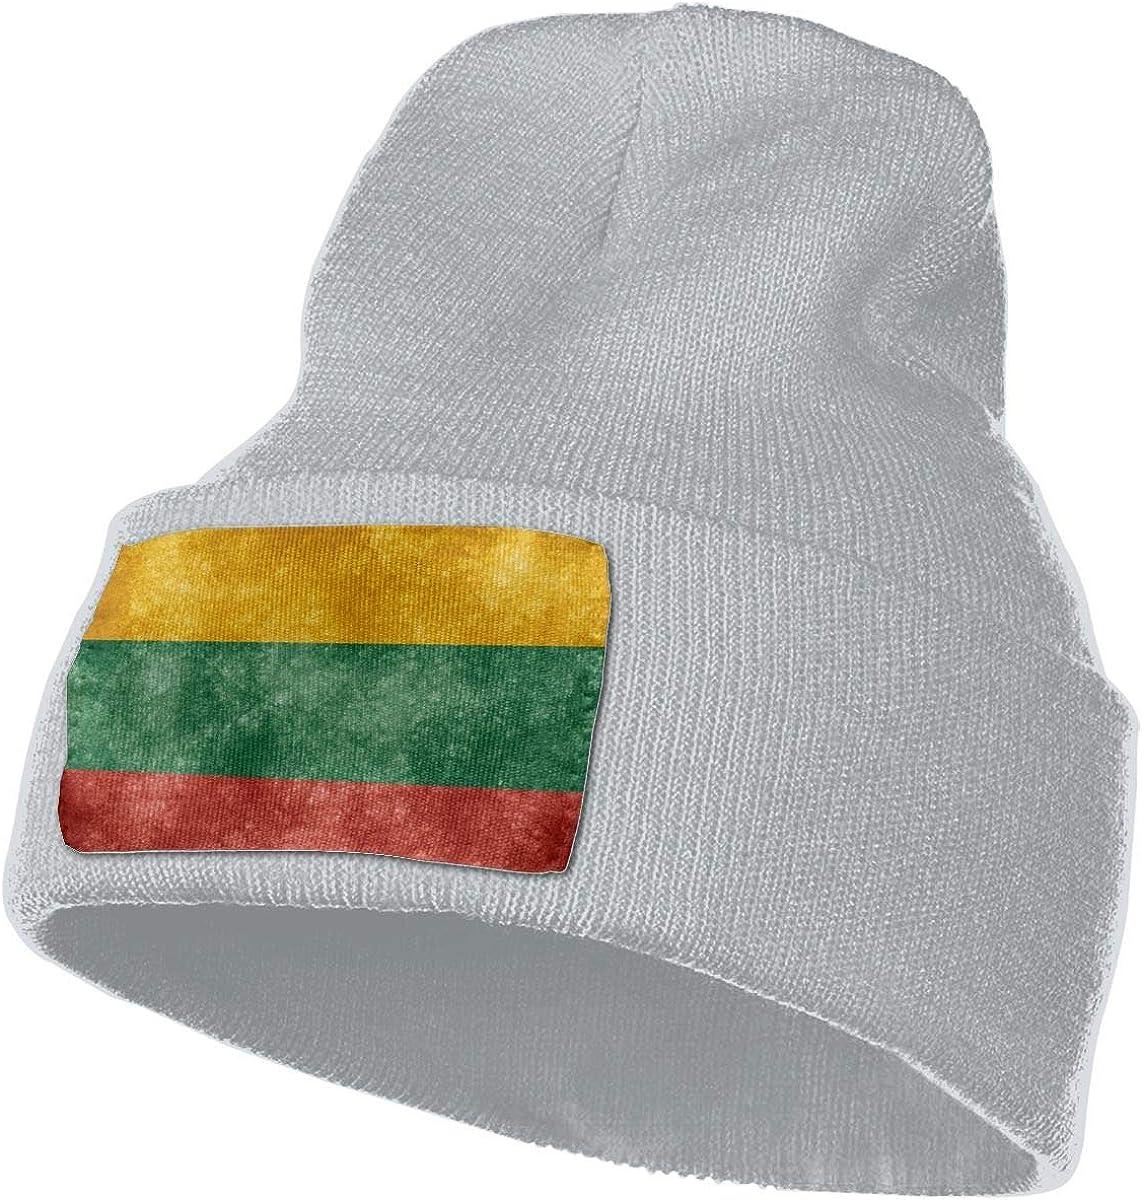 shenguang Bandera de Lituania Sombrero de Invierno Gorro de Punto cálido Gorro de Lana Gorro de Orinal sin ala Gorro de Calavera